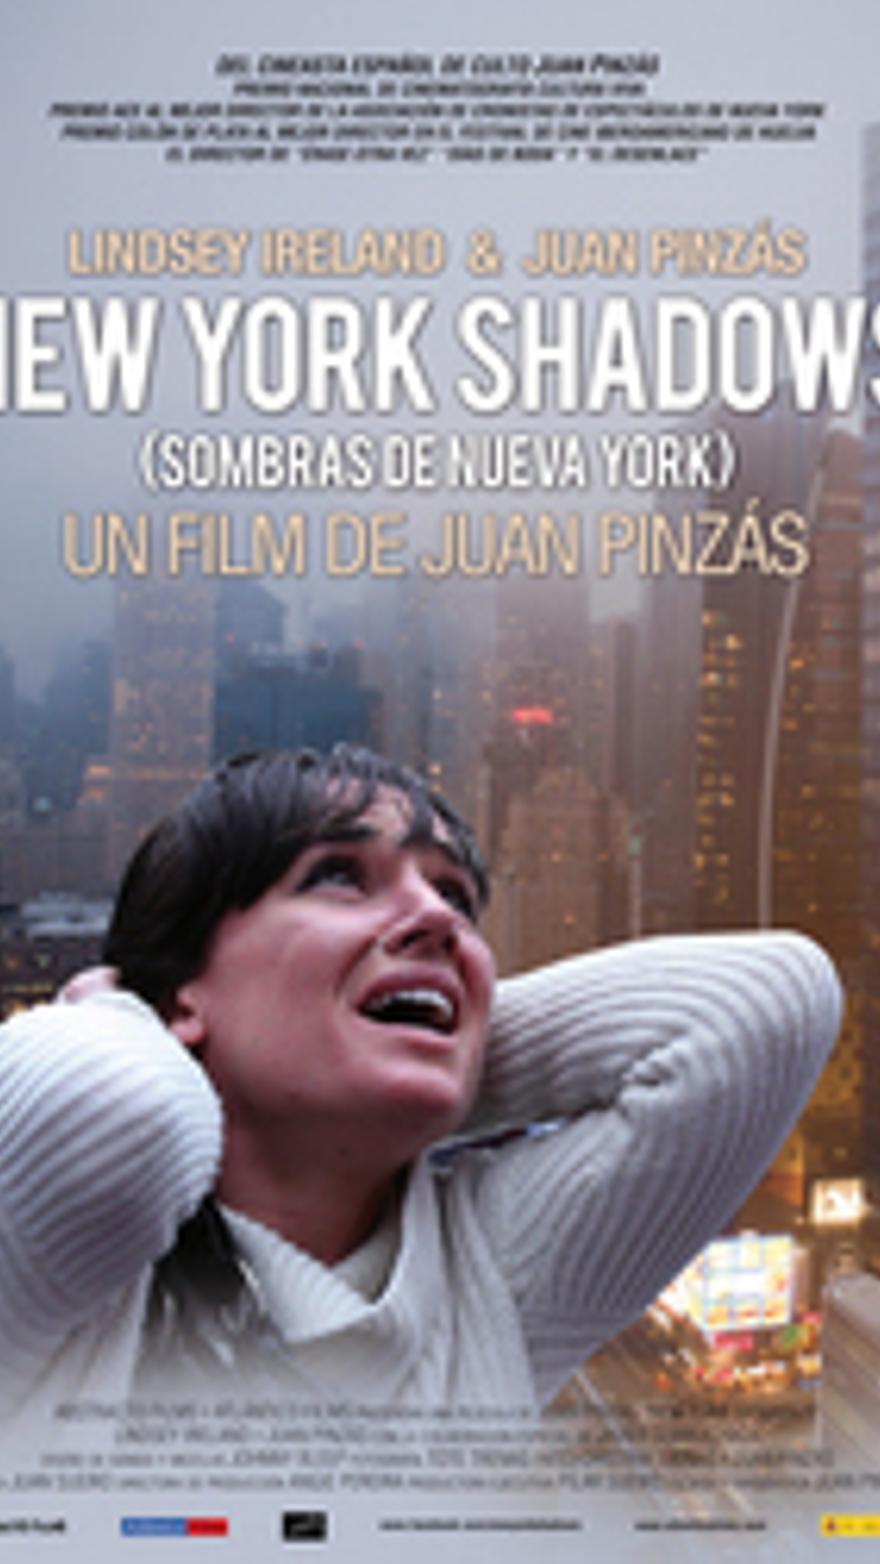 New York Shadows (Sombras de Nueva York)